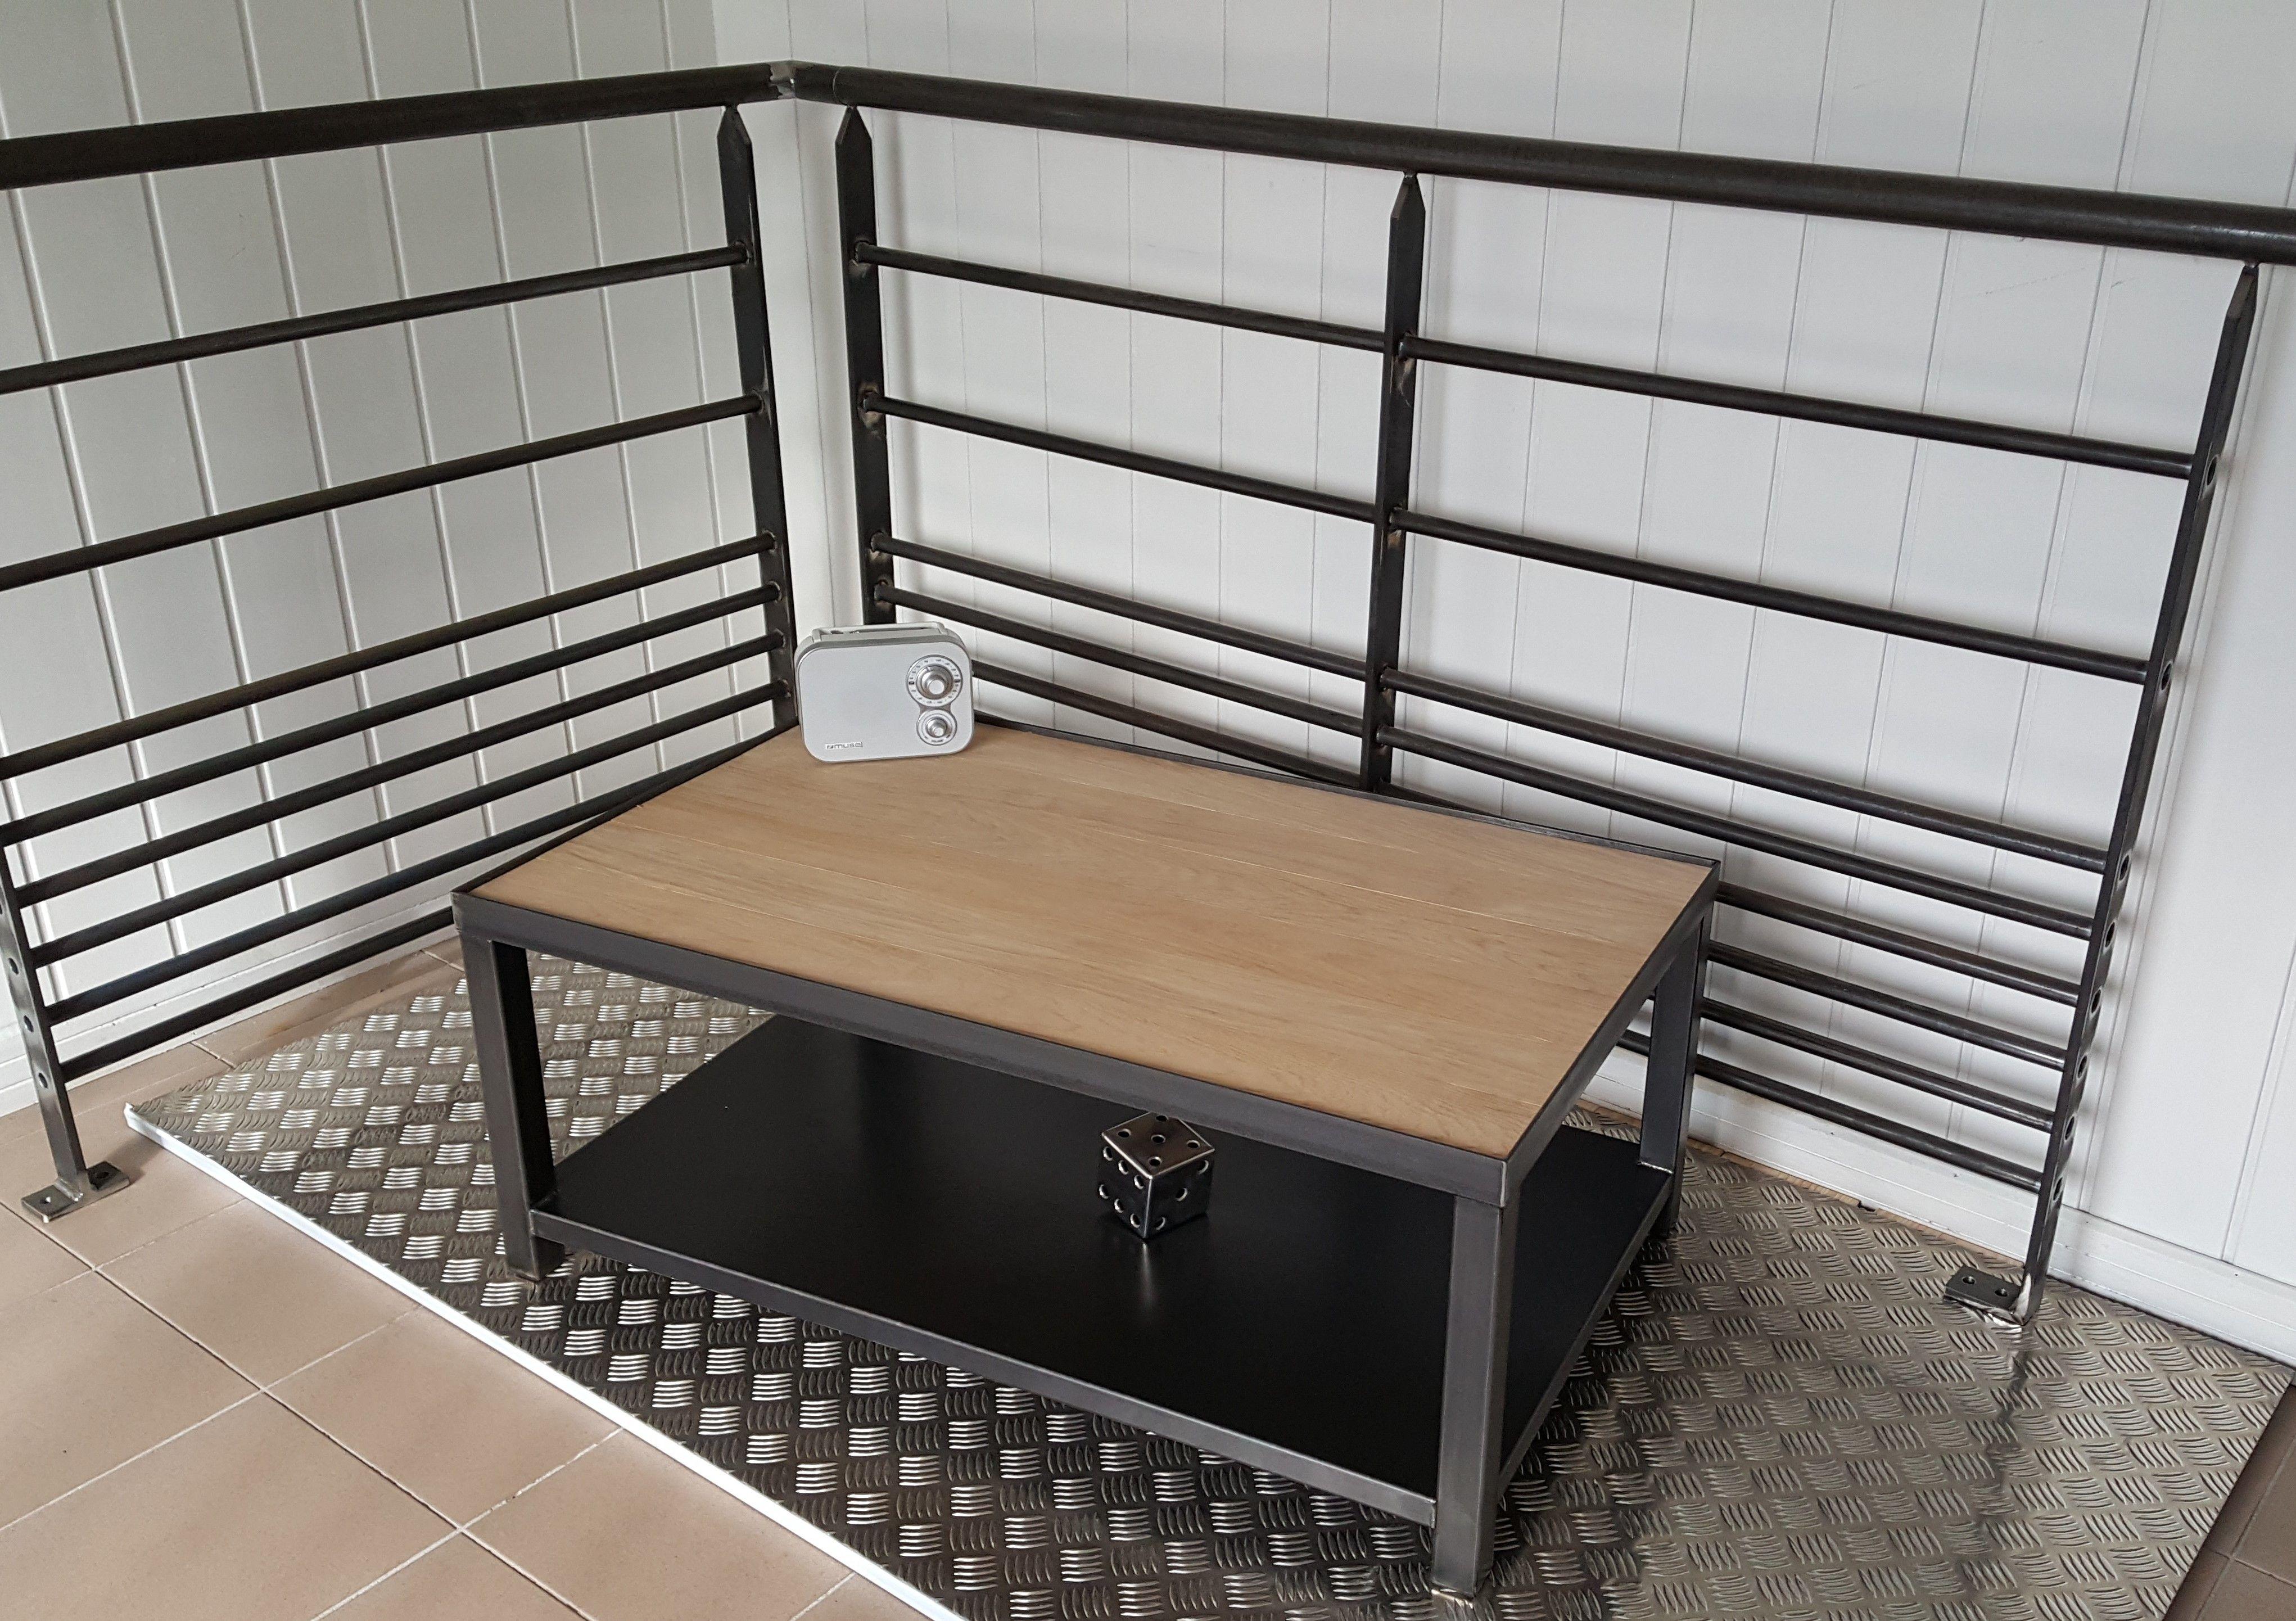 Meubles Style Industriel Table Basse Metal Solution Ploemeur Lorient Bretagne Meuble Style Industriel Metallerie Table Basse Metal